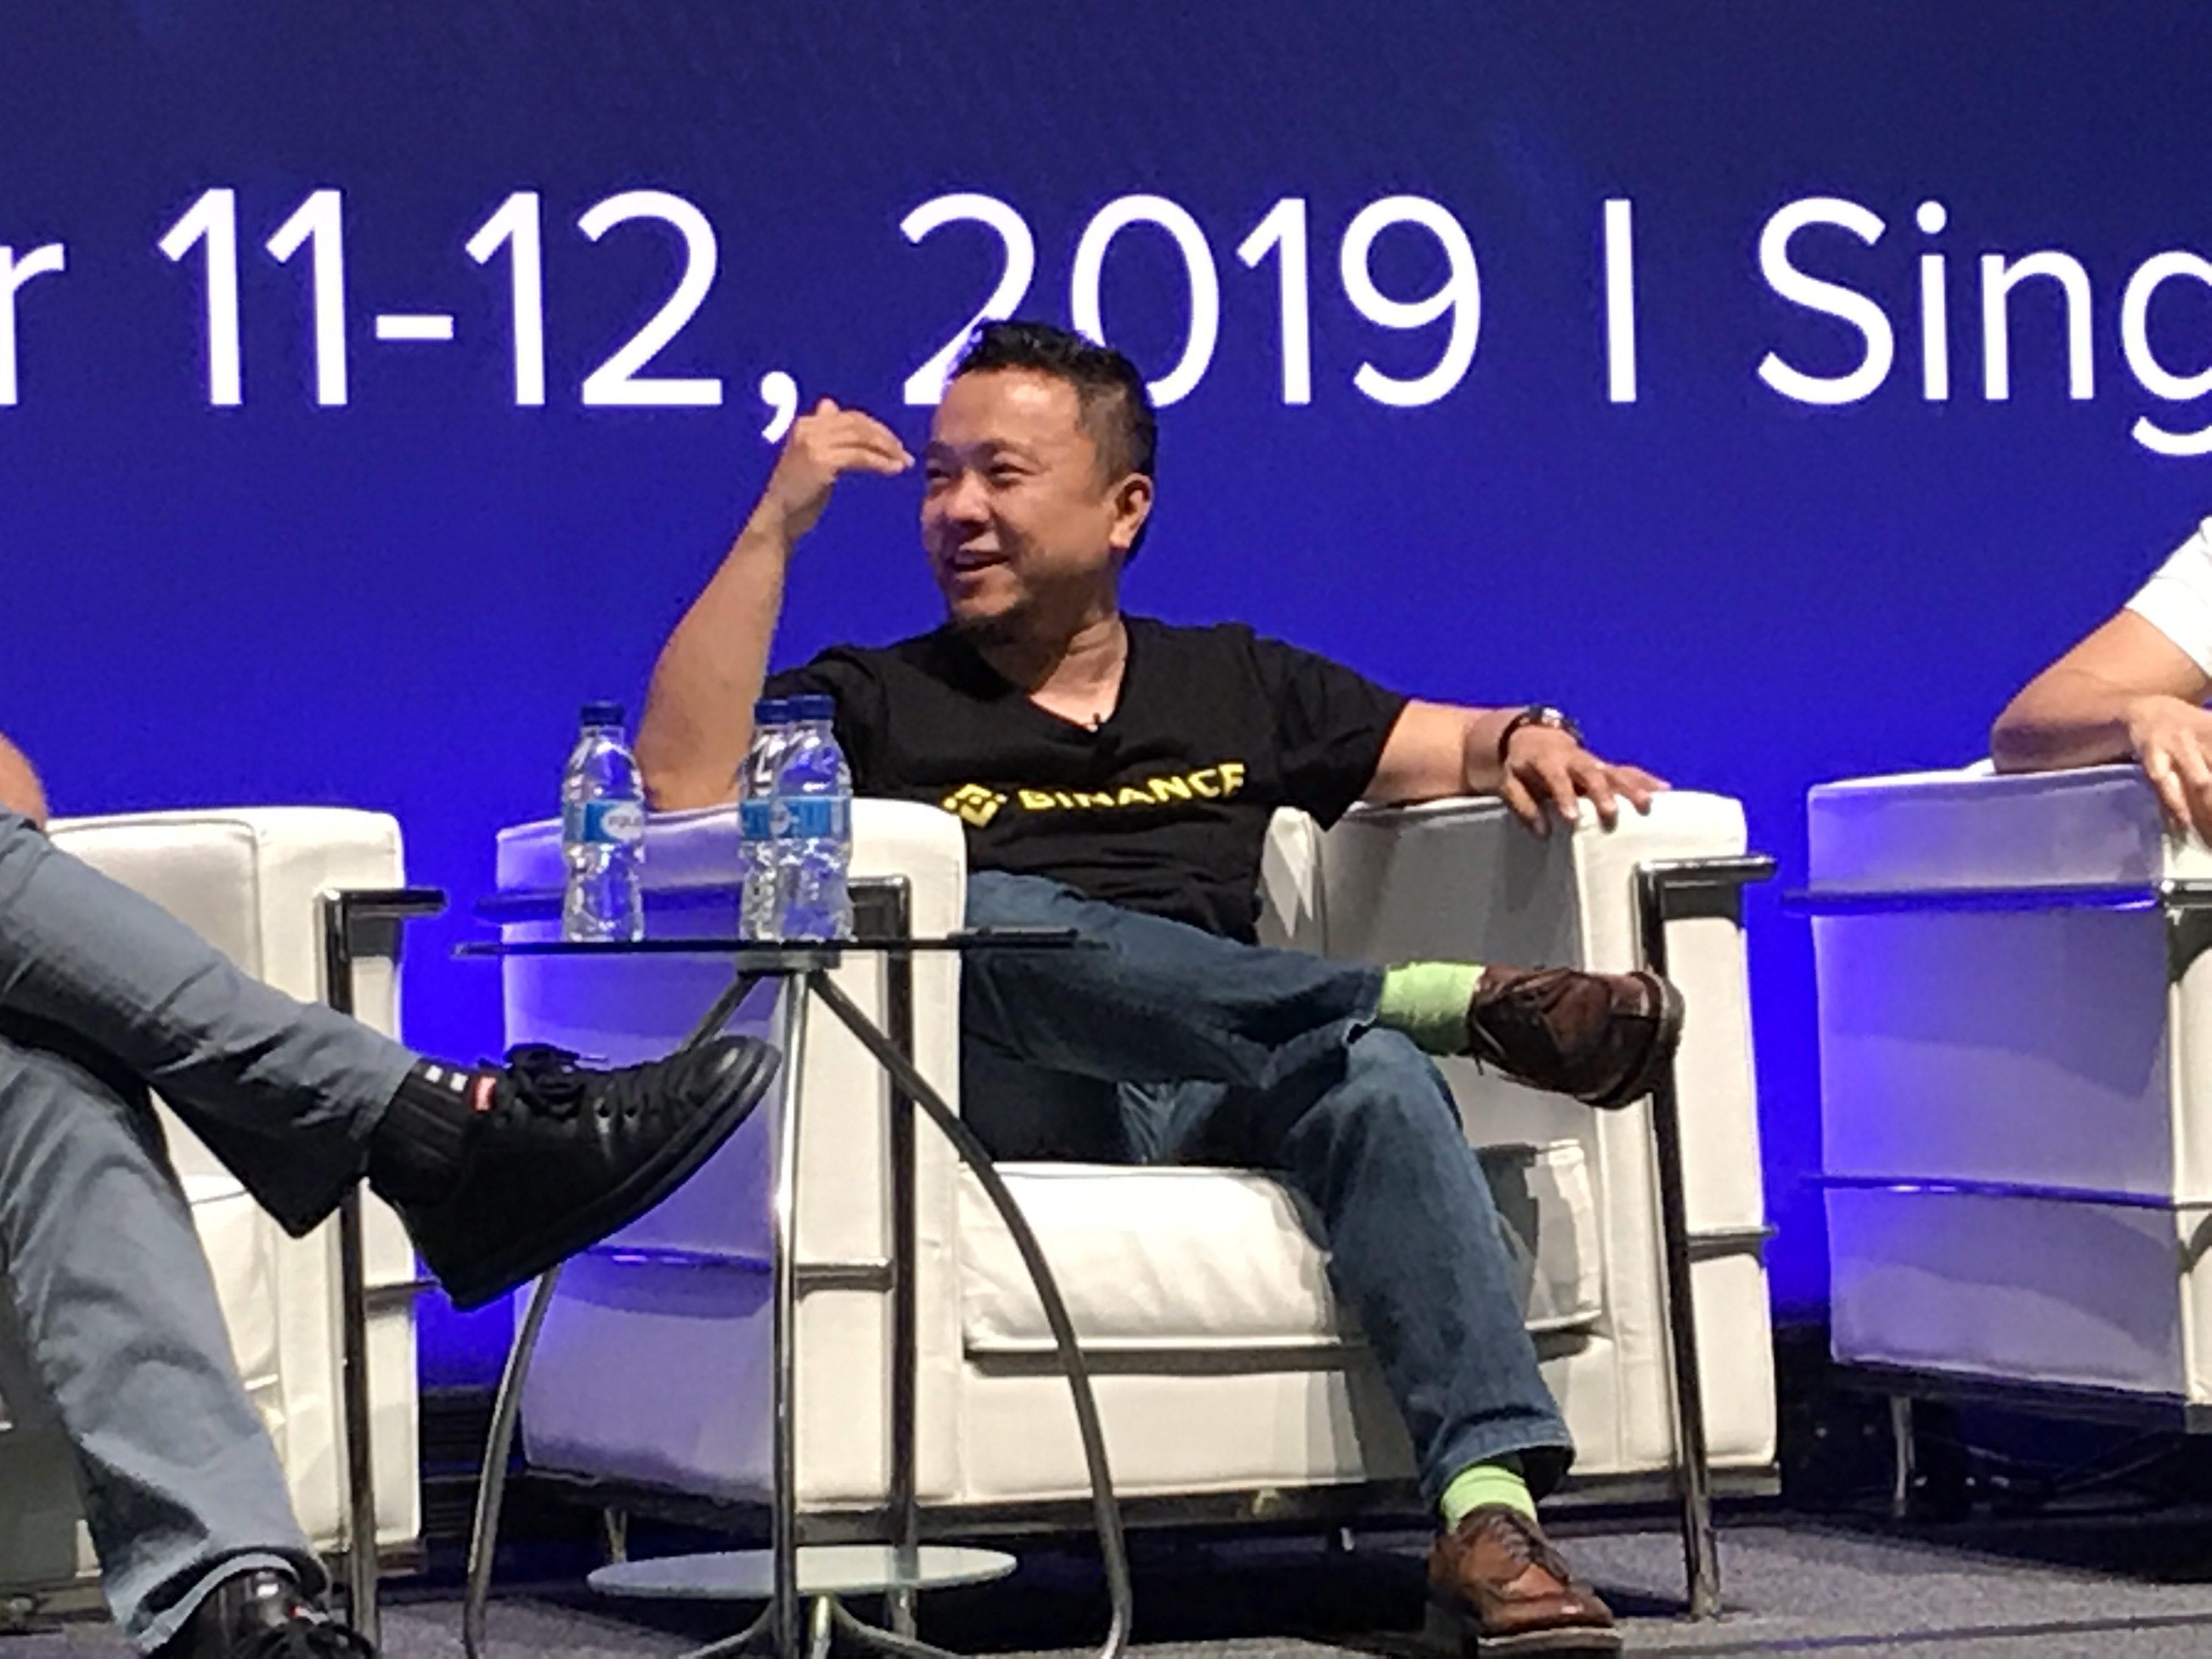 giá bitcoin: Nhìn lại Invest:Asia 2019 – Tương lai của blockchain và tiền điện tử sẽ là gì?